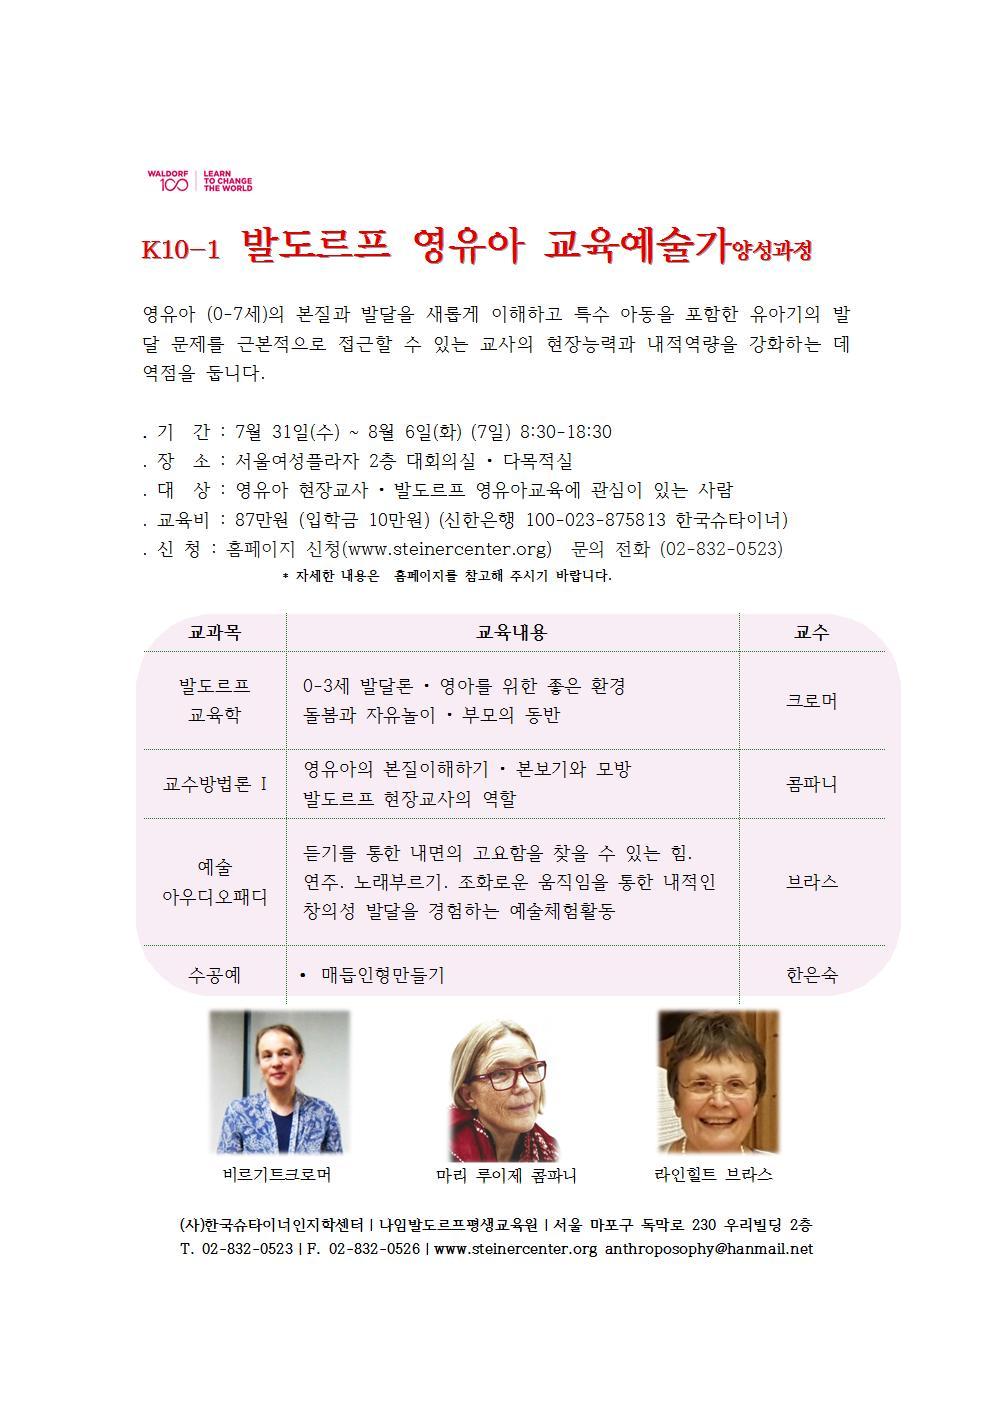 발도르프 영유아 교사 양성과정 10기 교육생 모집 안내